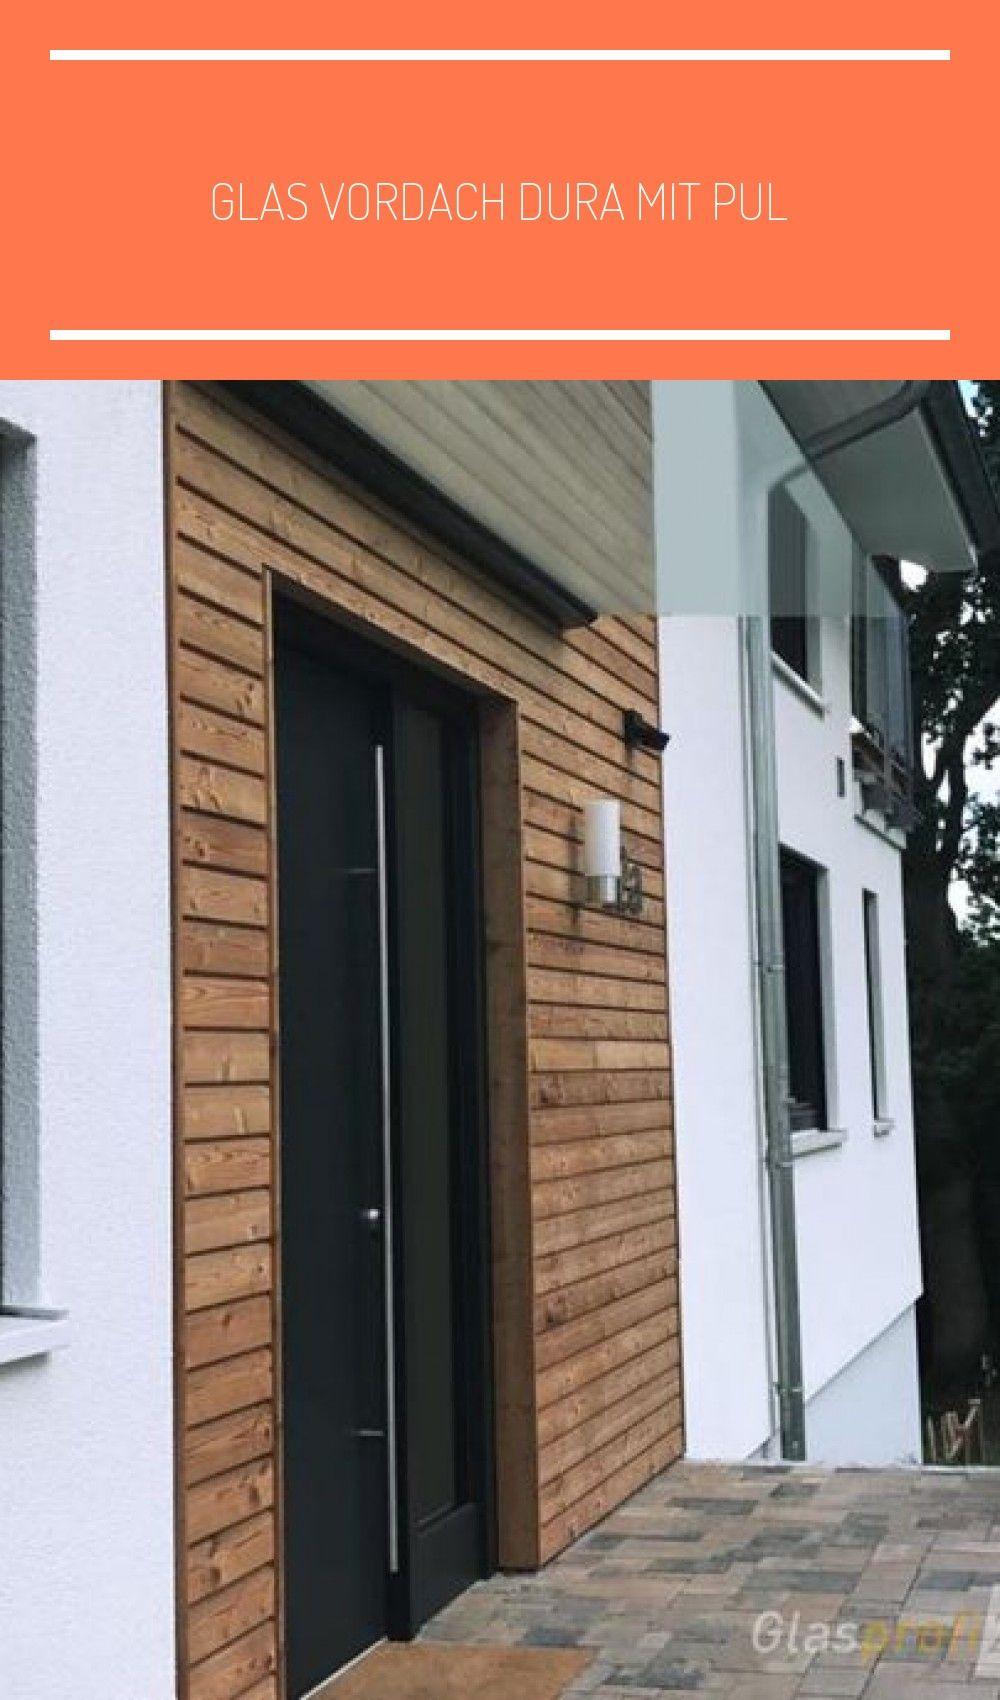 Glas Vordach Dura Mit Pul In 2020 Polyurethanes Haus Marble Effect